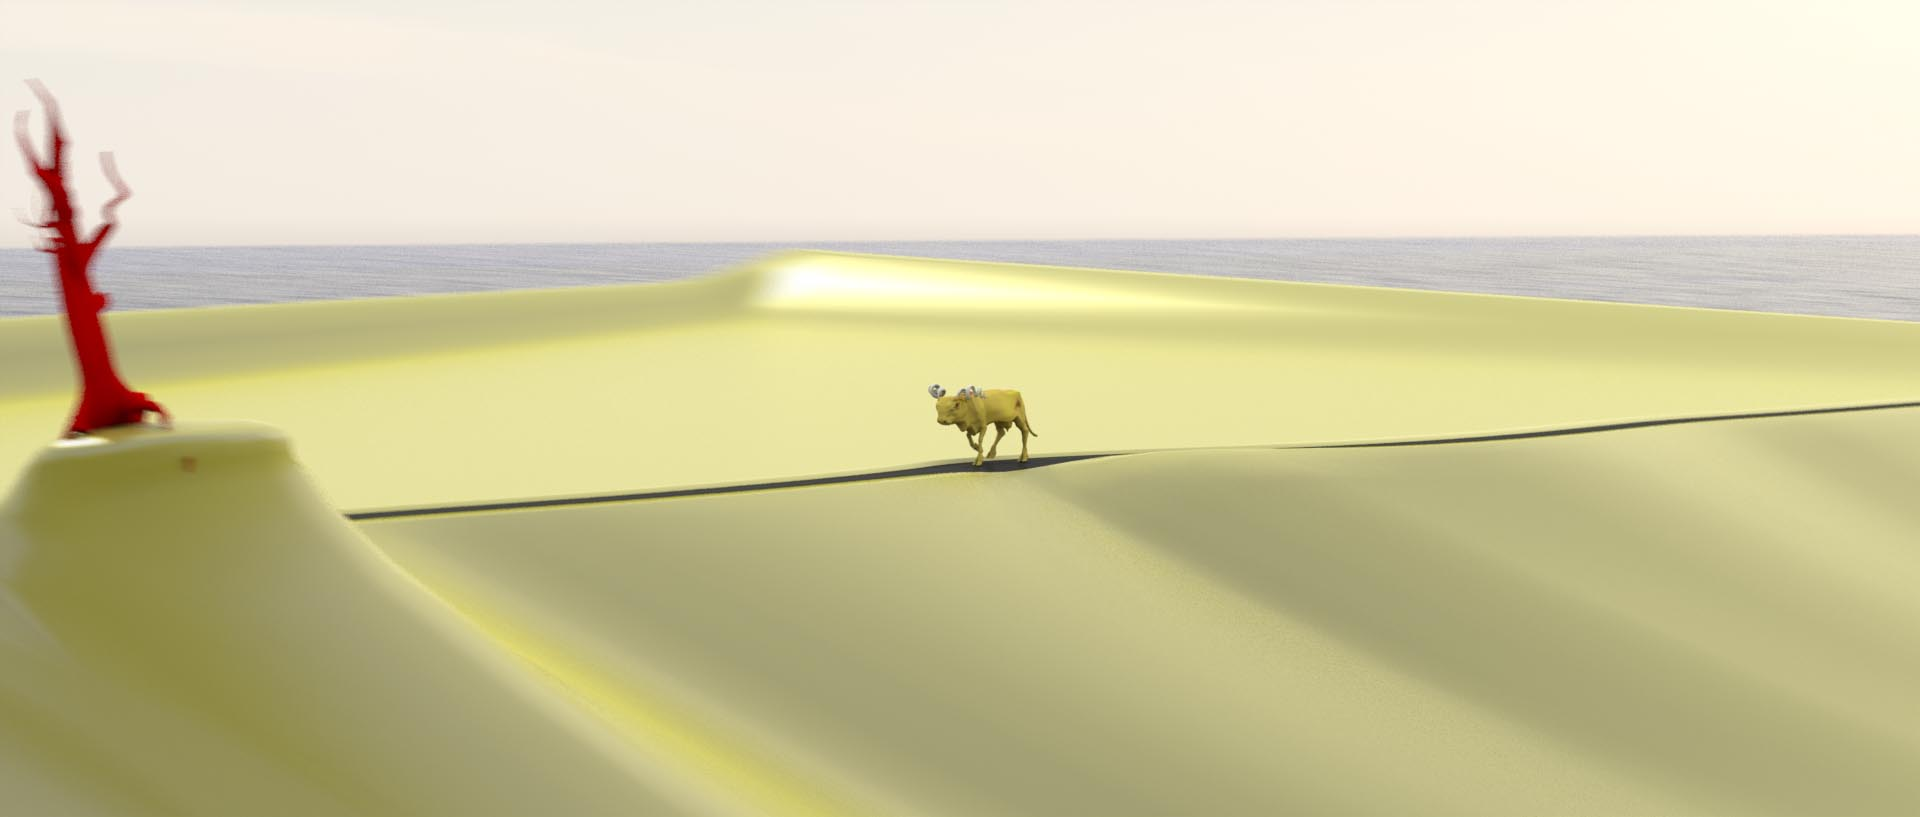 Cow_landscape_w_tree.jpg